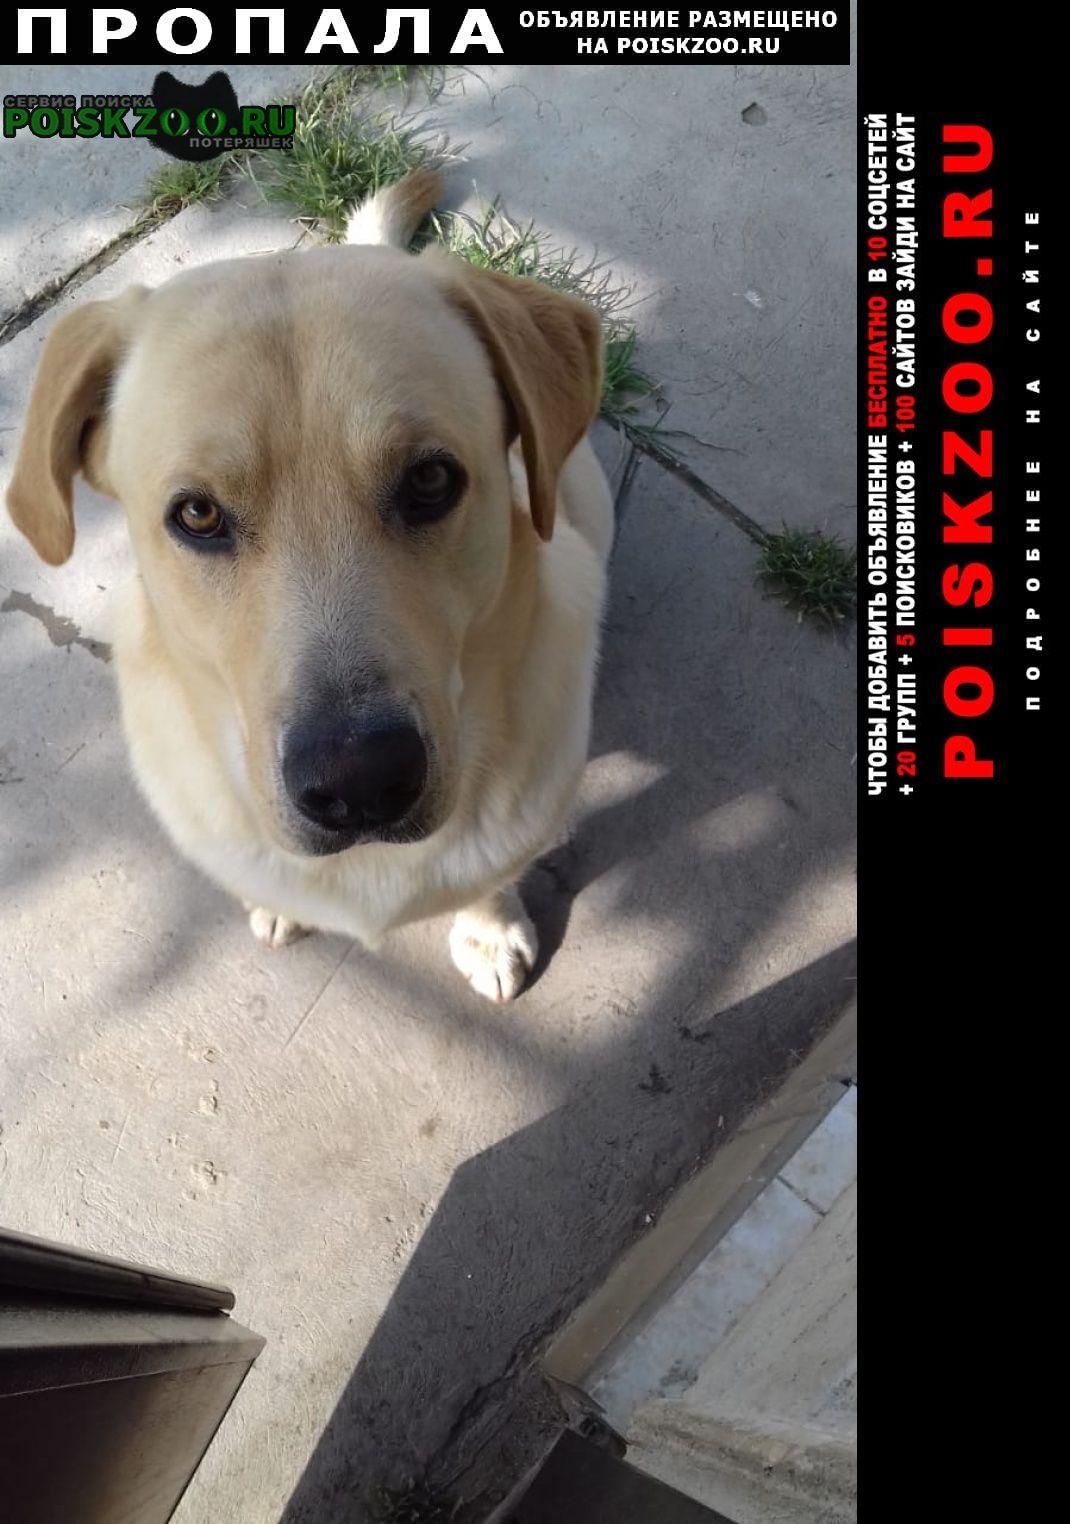 Пропала собака кобель пёс рыже-белого окраса Майкоп (Адыгея)